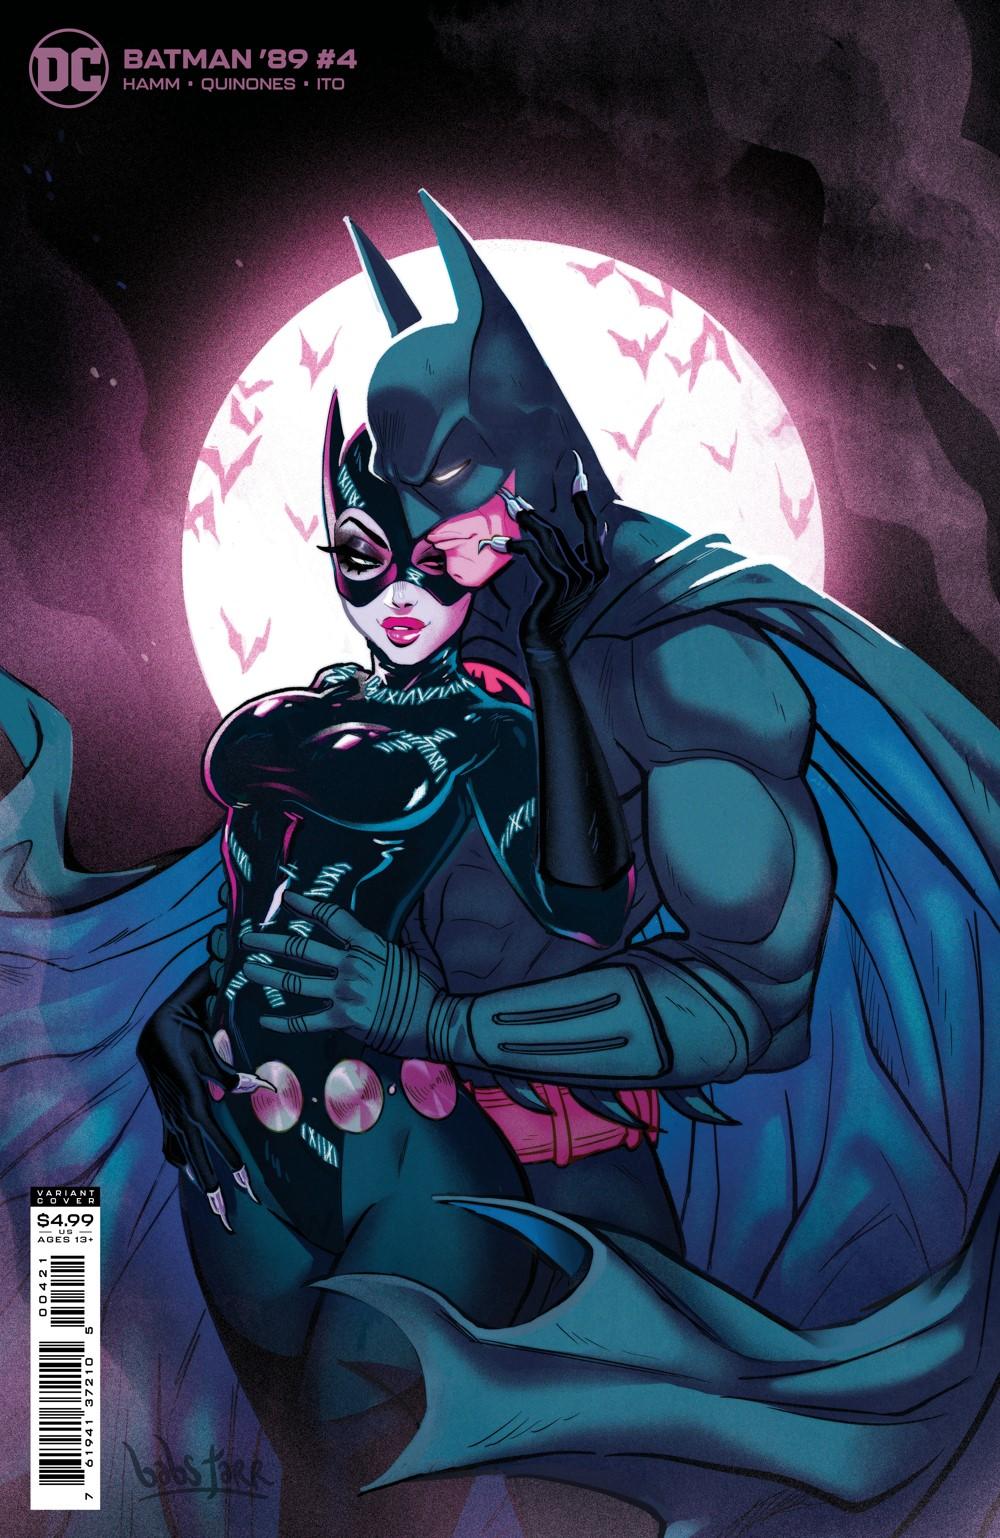 BM89_Cv4_var_00421 DC Comics November 2021 Solicitations